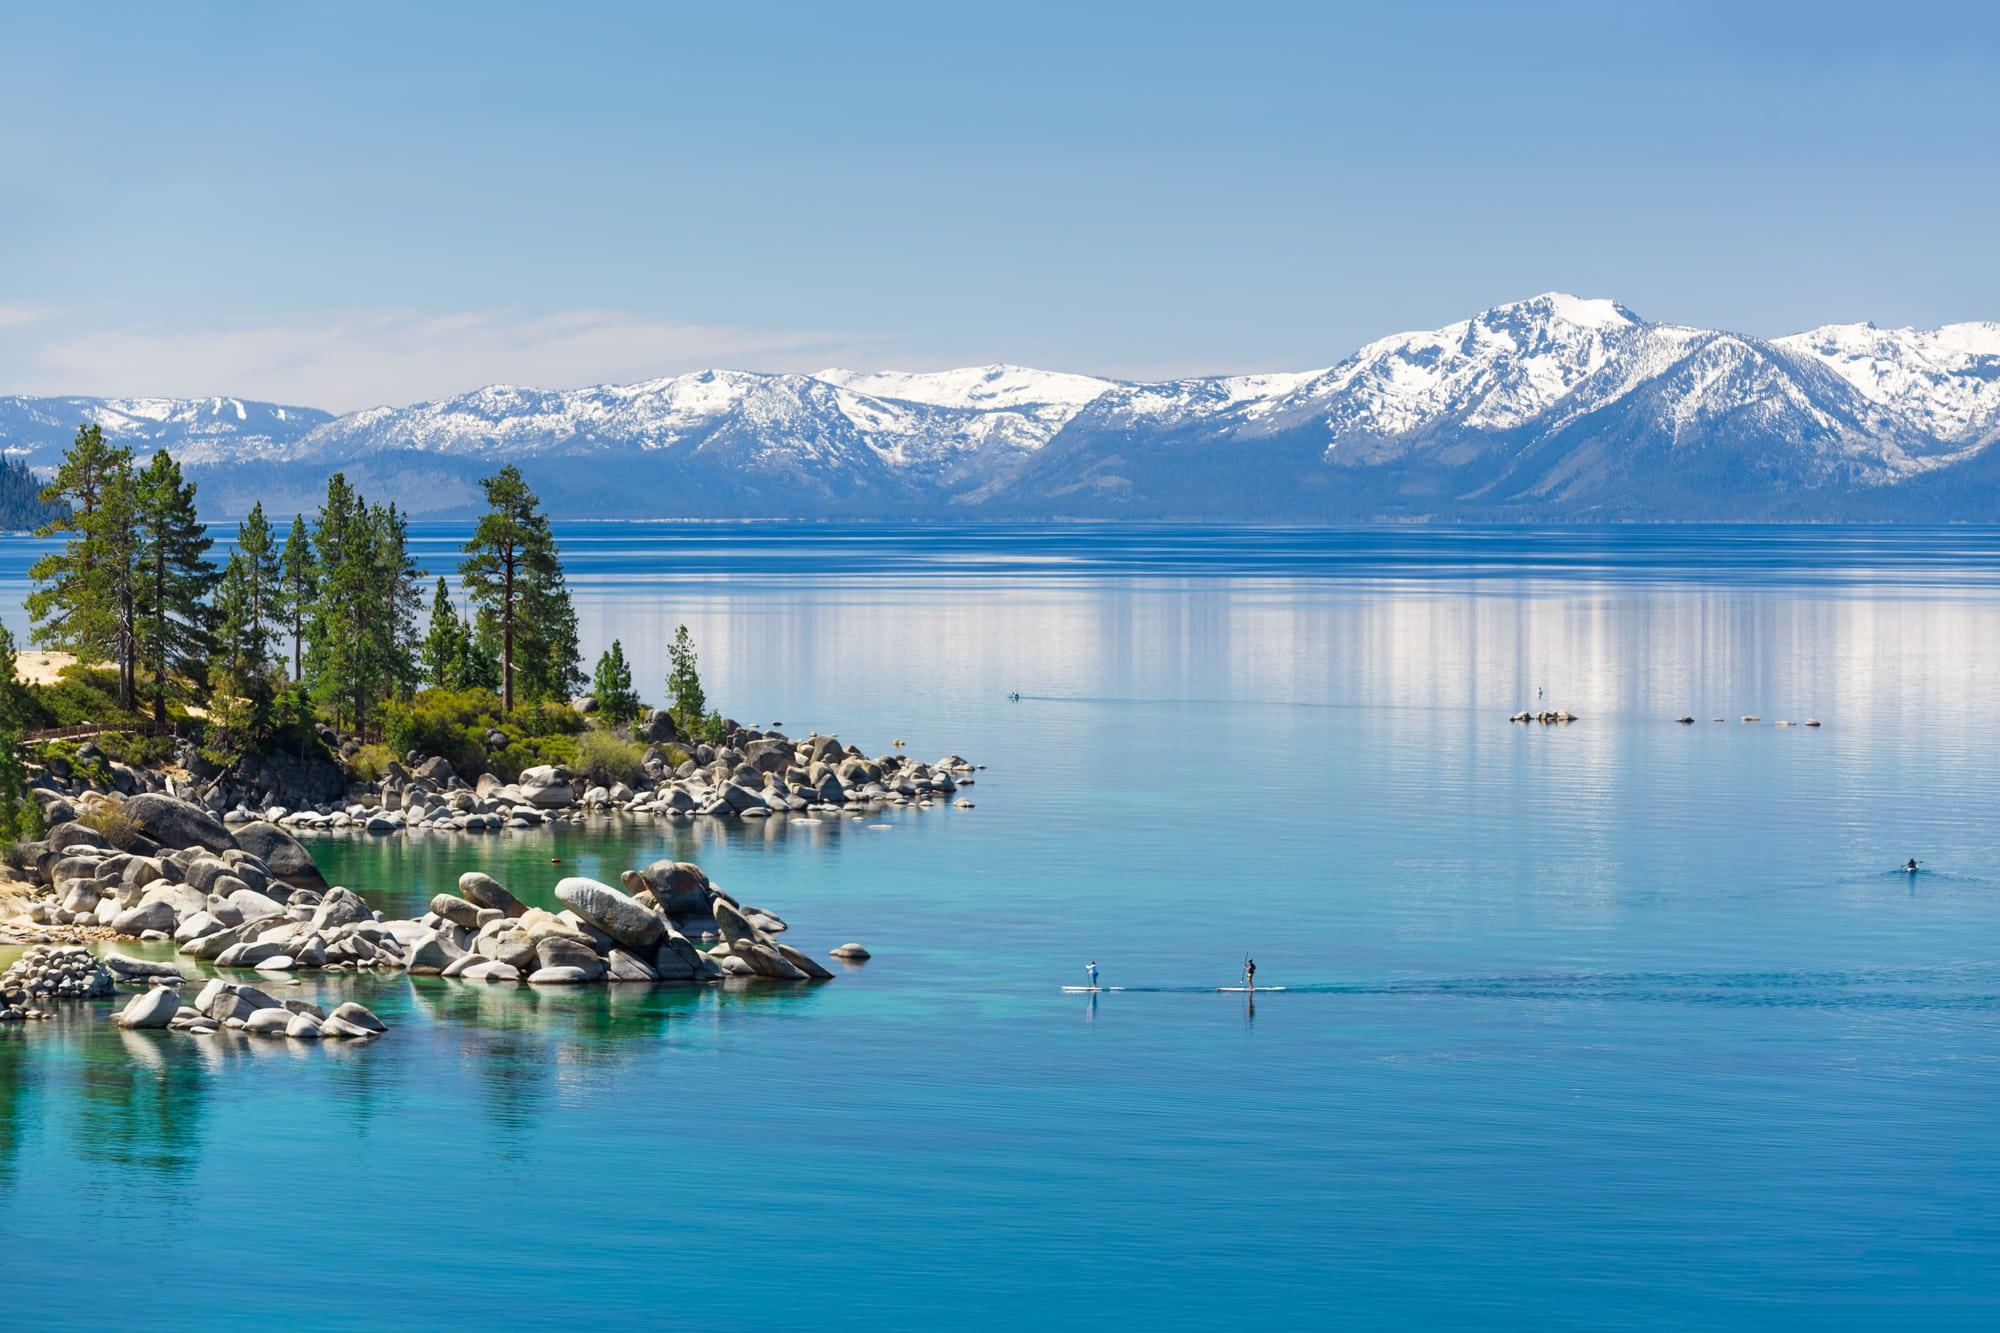 California's Lake Tahoe in winter